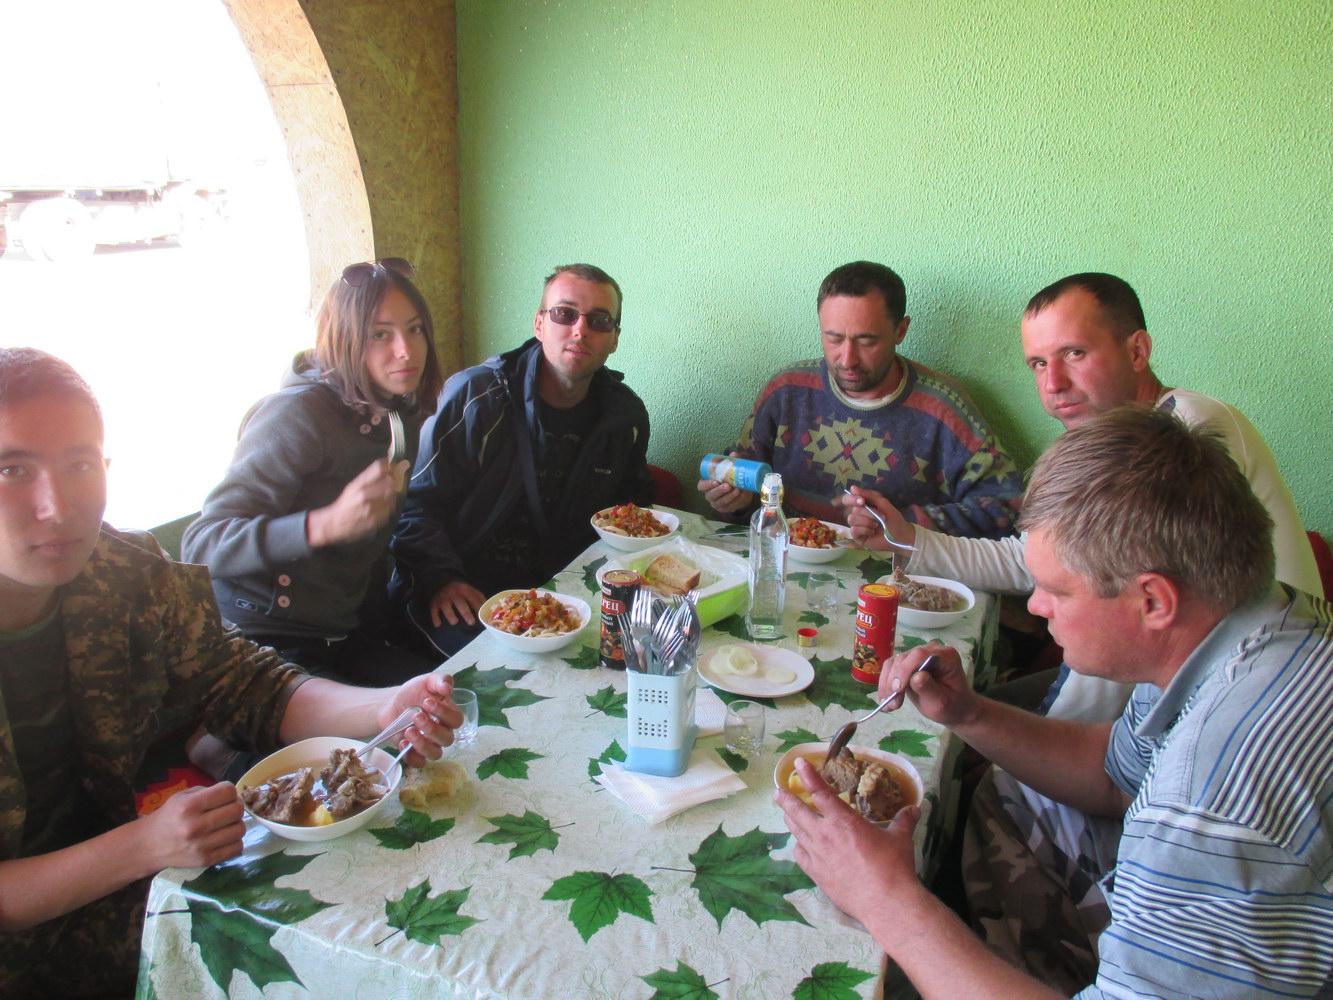 кафе посреди голодной пустыни. казахстан